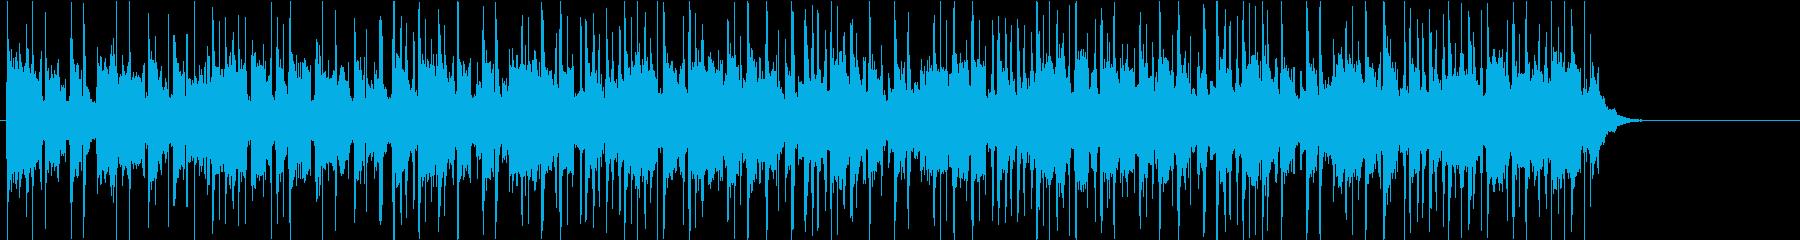 爽やかでキラキラしたテンポの良いBGMの再生済みの波形